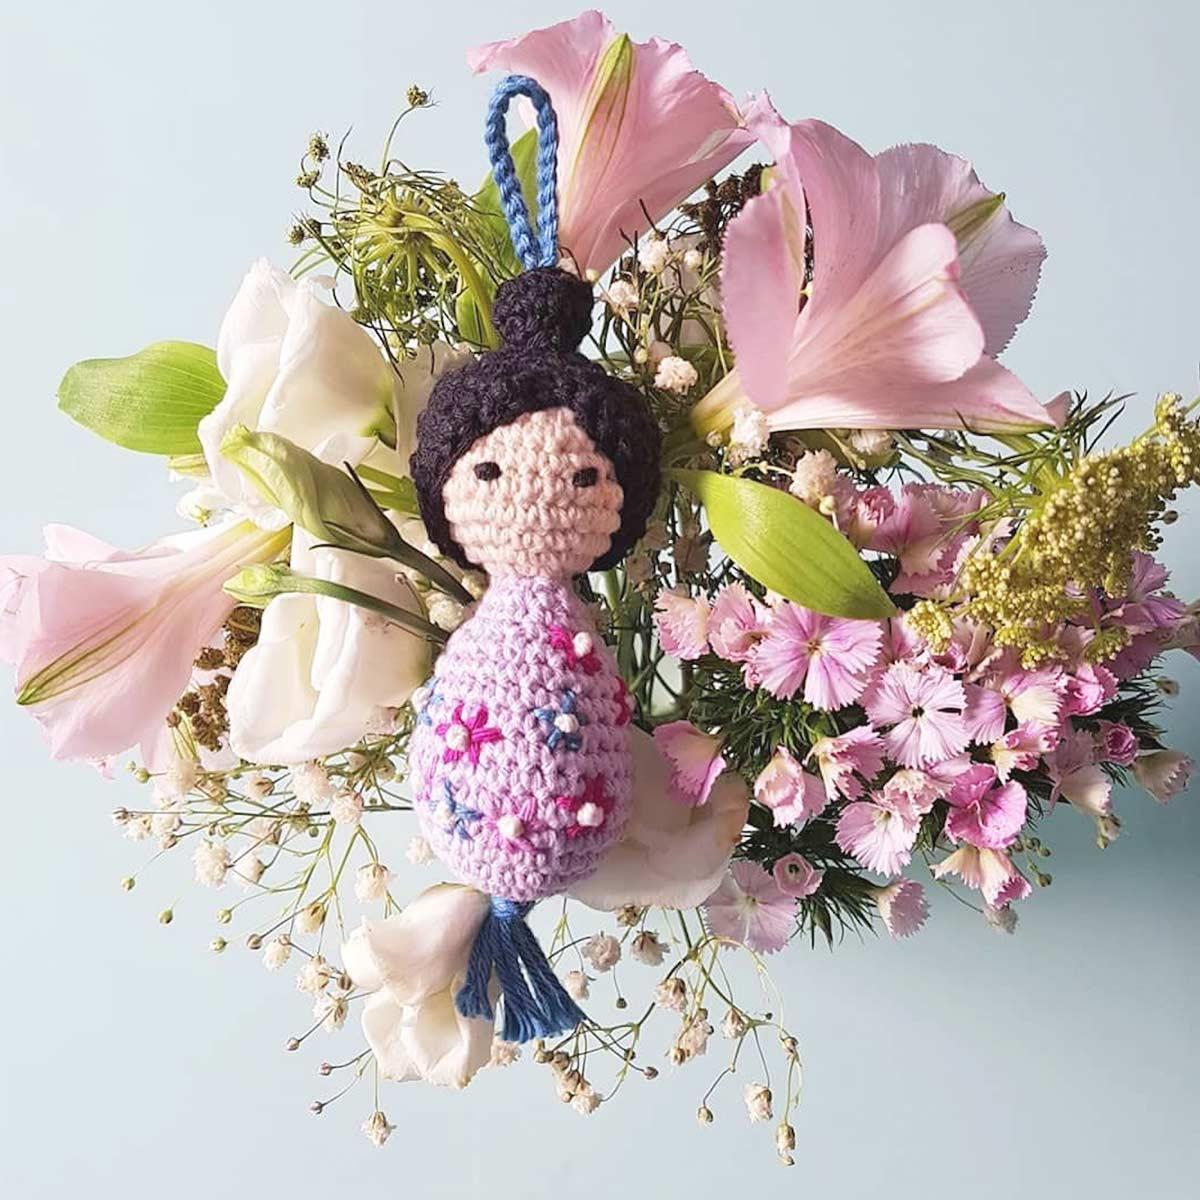 diy crochet poupée PoiS PlumeS tutoriel DIY #diymelimelo